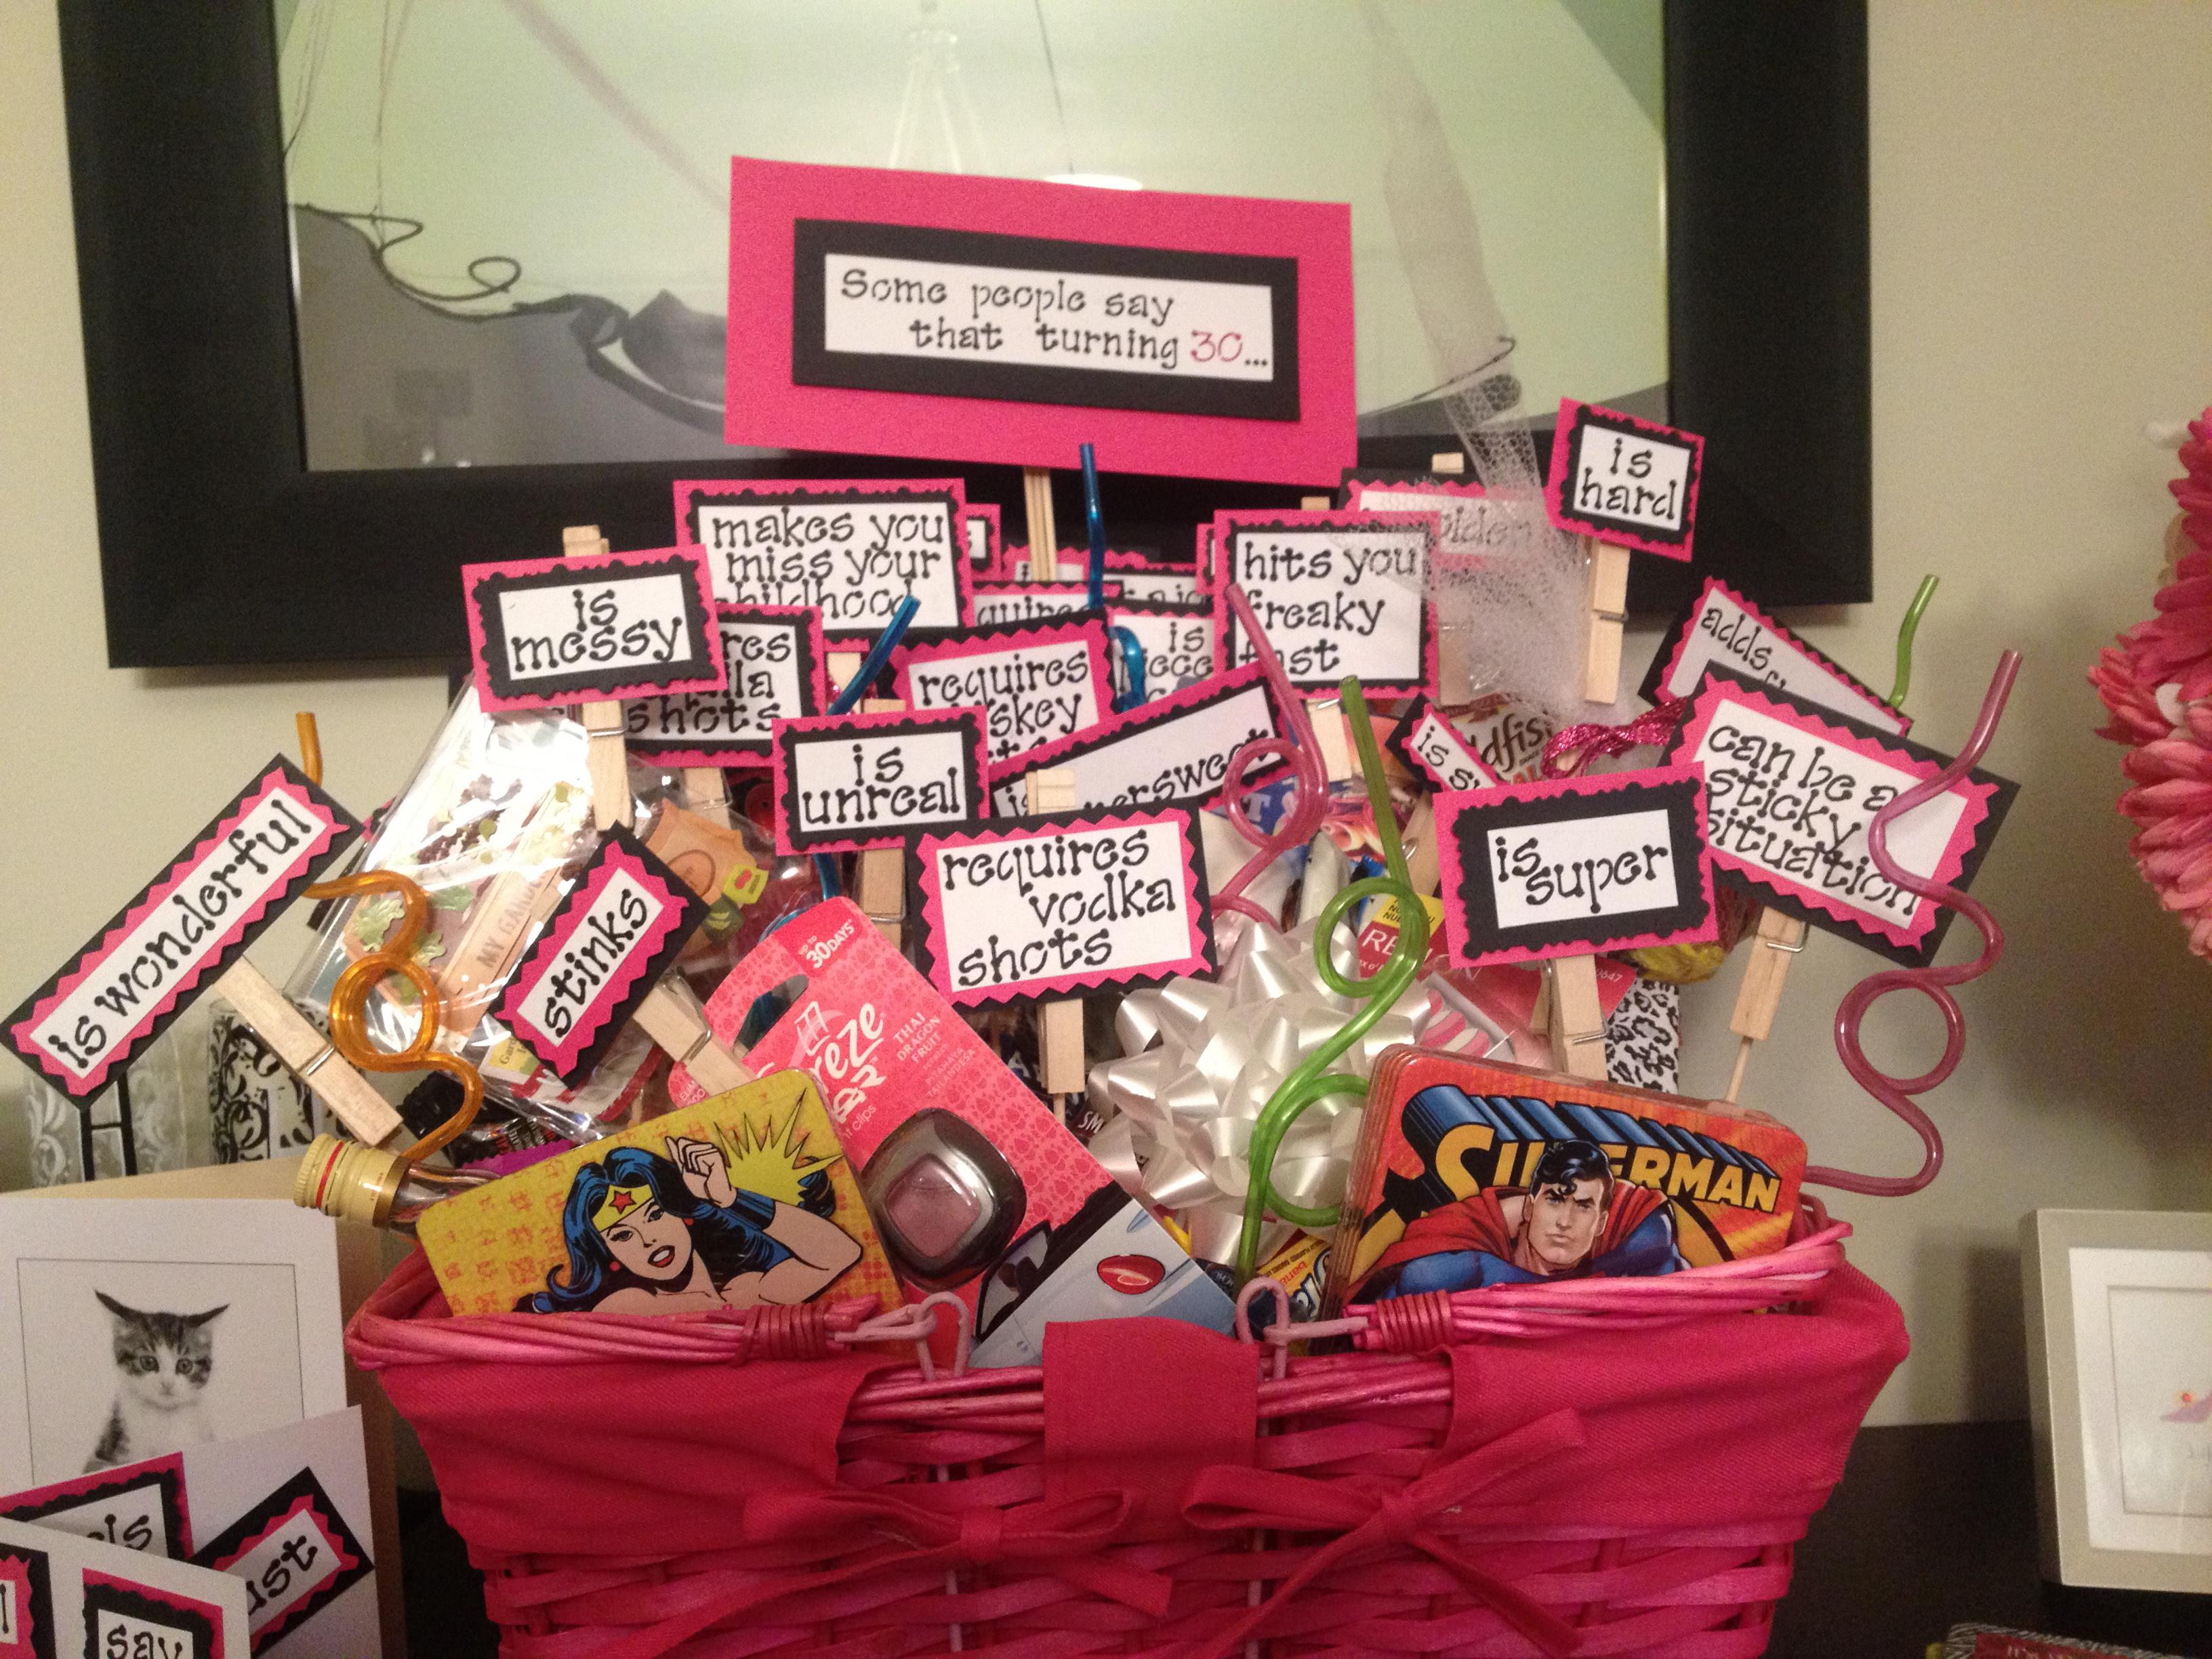 ... other | Tags: birthday , birthday basket , Turning 30 Birthday Basket